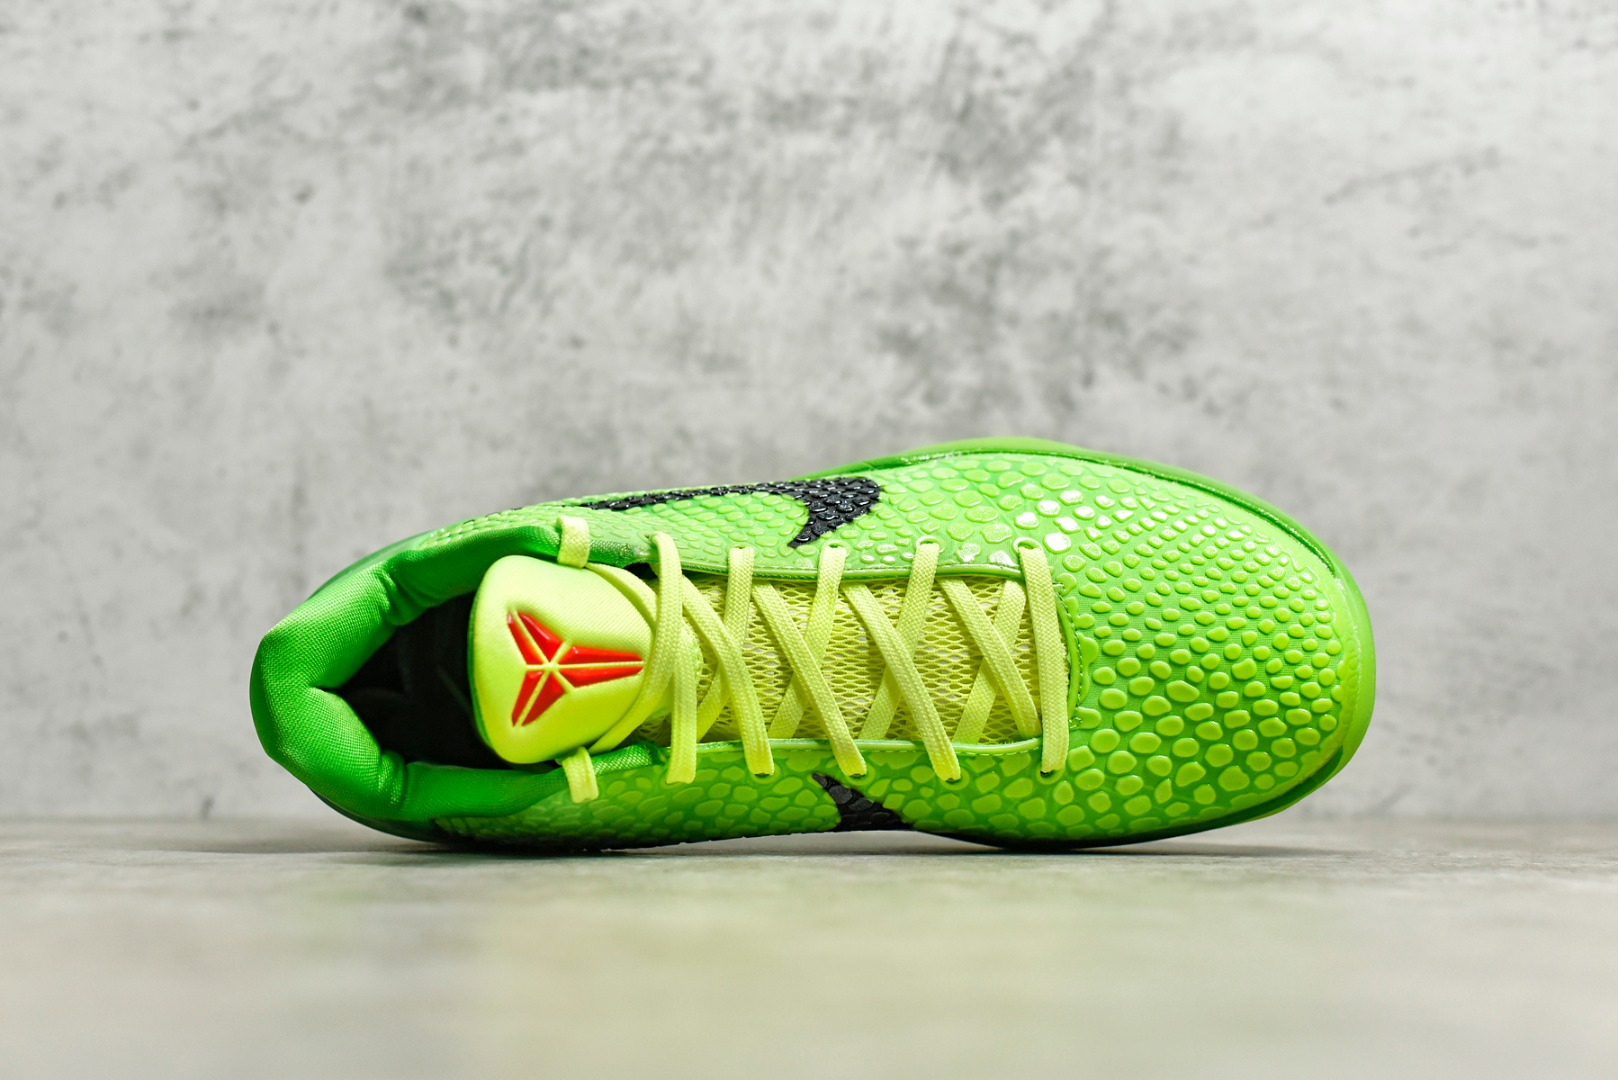 耐克科比6代青蜂侠 NIKE KOBE青蜂侠 耐克科比绿色篮球鞋实战版本 货号:CW2190-300-潮流者之家